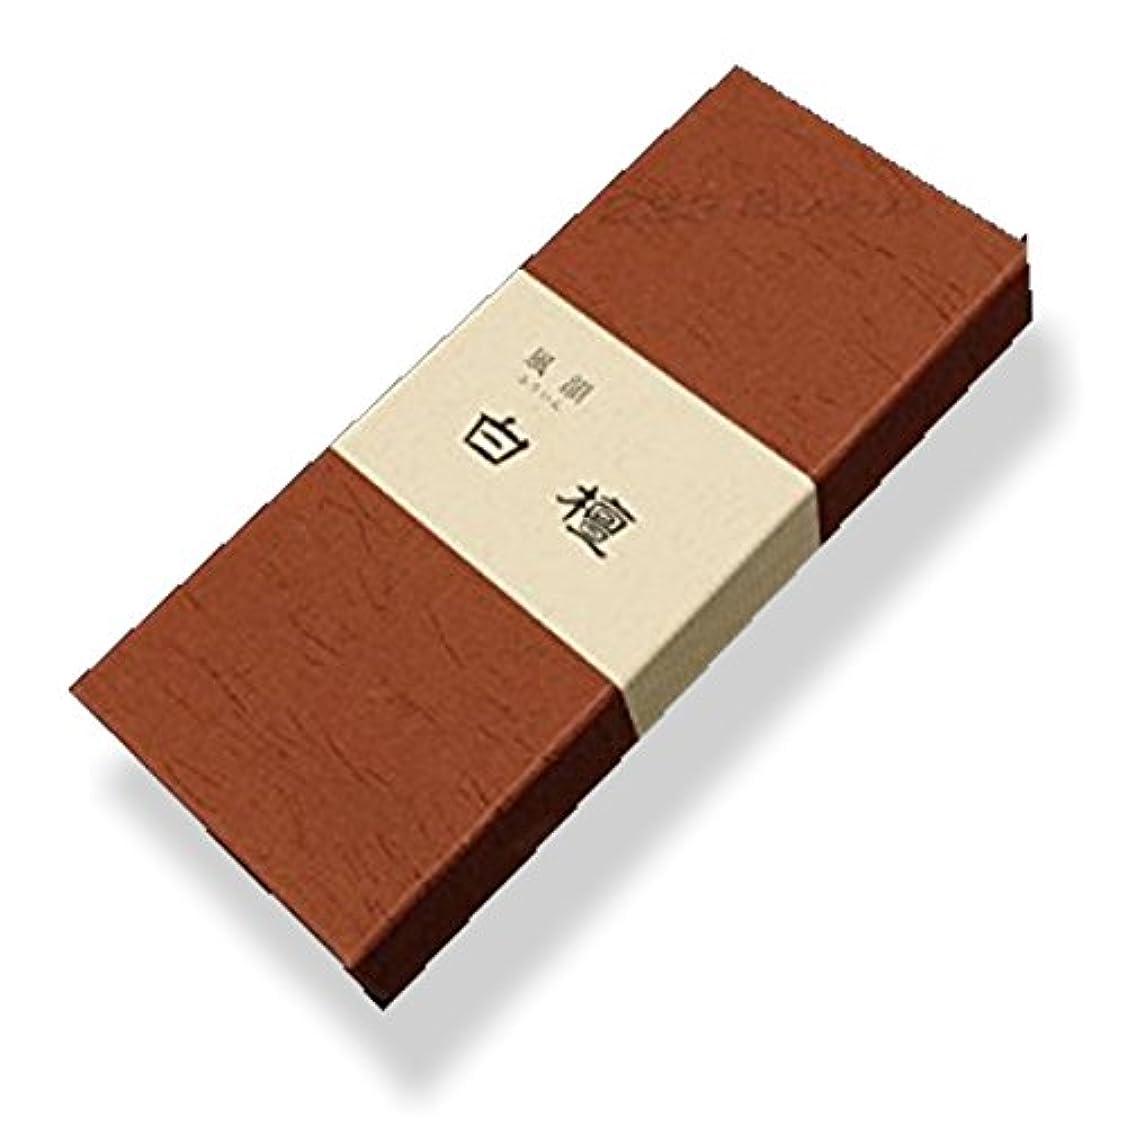 コンチネンタルマニア一貫性のない風韻 白檀 短寸 天然香料 (45 グラム)